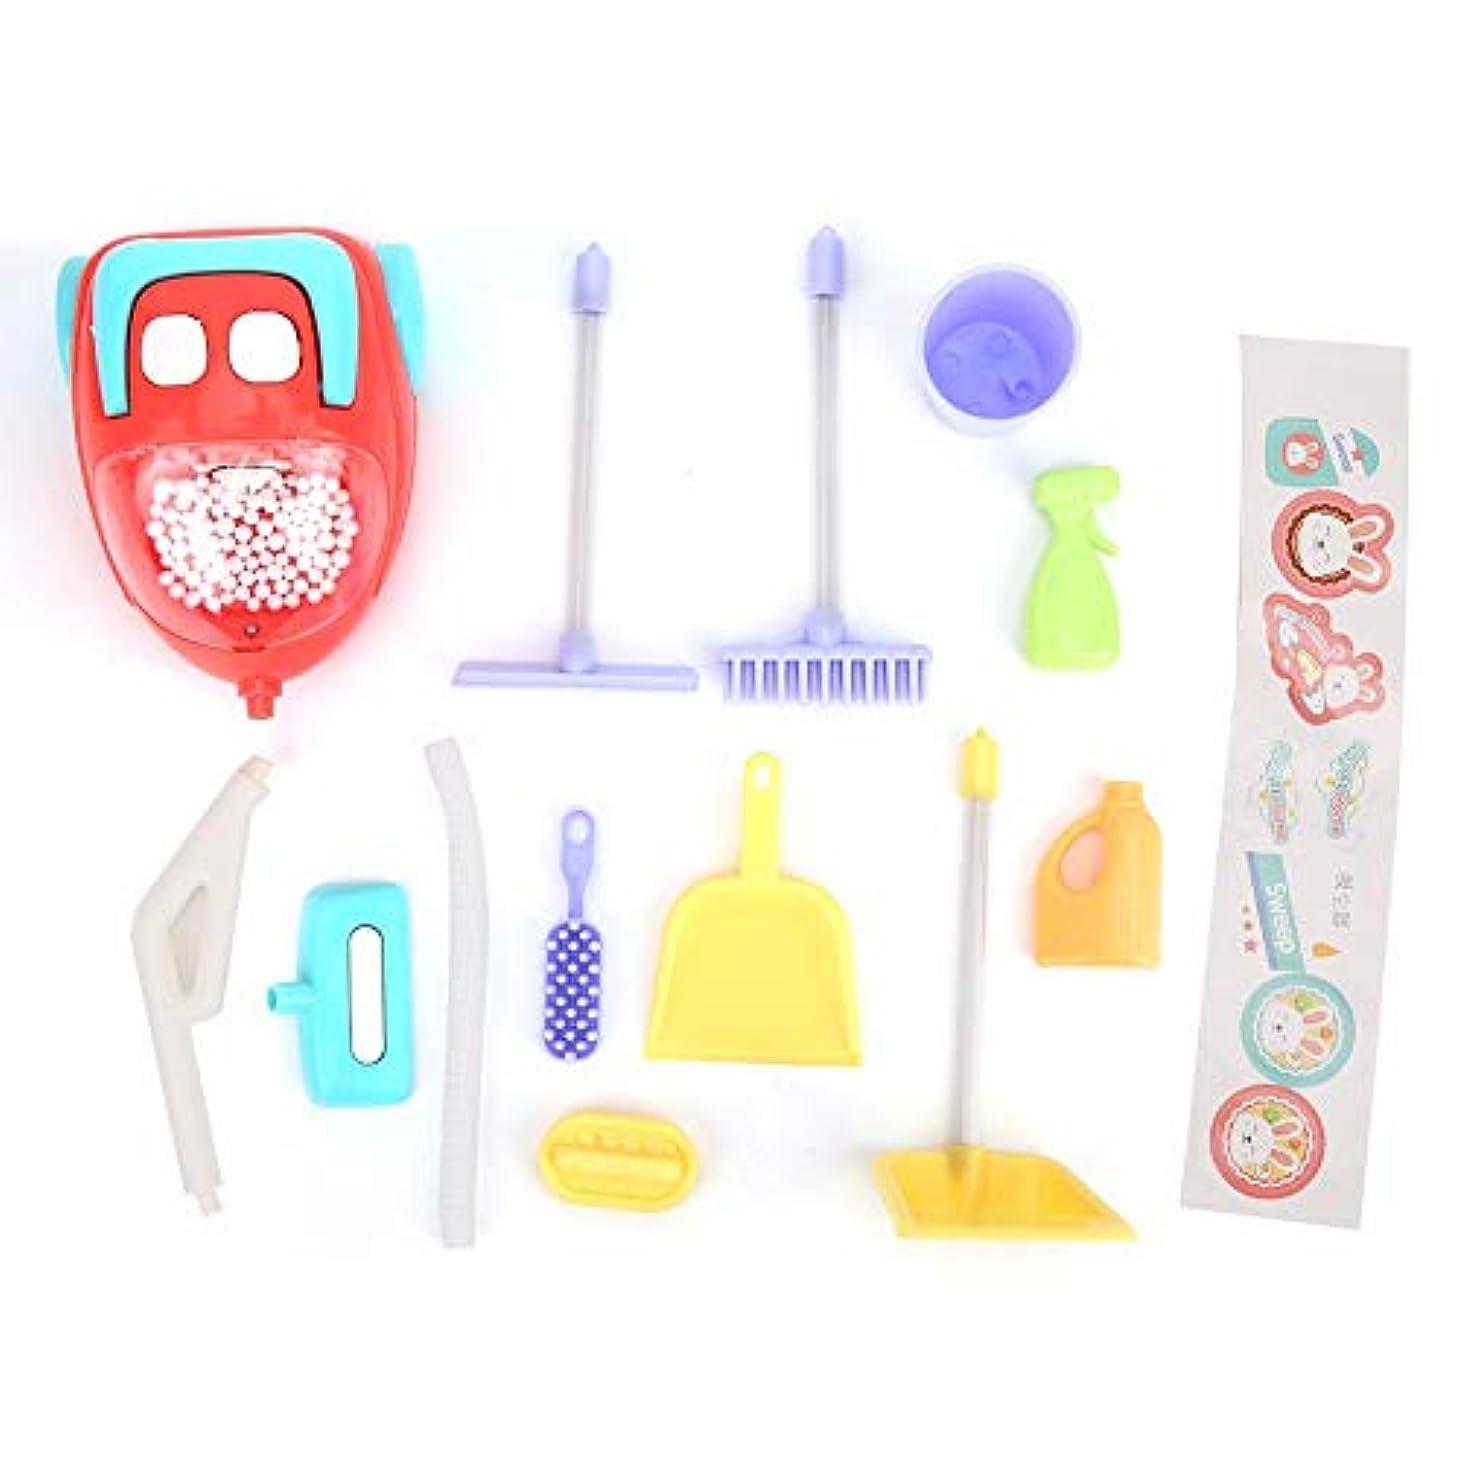 焼くどこにもやむを得ない絶妙な技量の掃除機のおもちゃ、面白い非常にシミュレーションの子供たち子供の掃除機のおもちゃ子供が遊ぶための3歳以上の子供(vacuum cleaner)